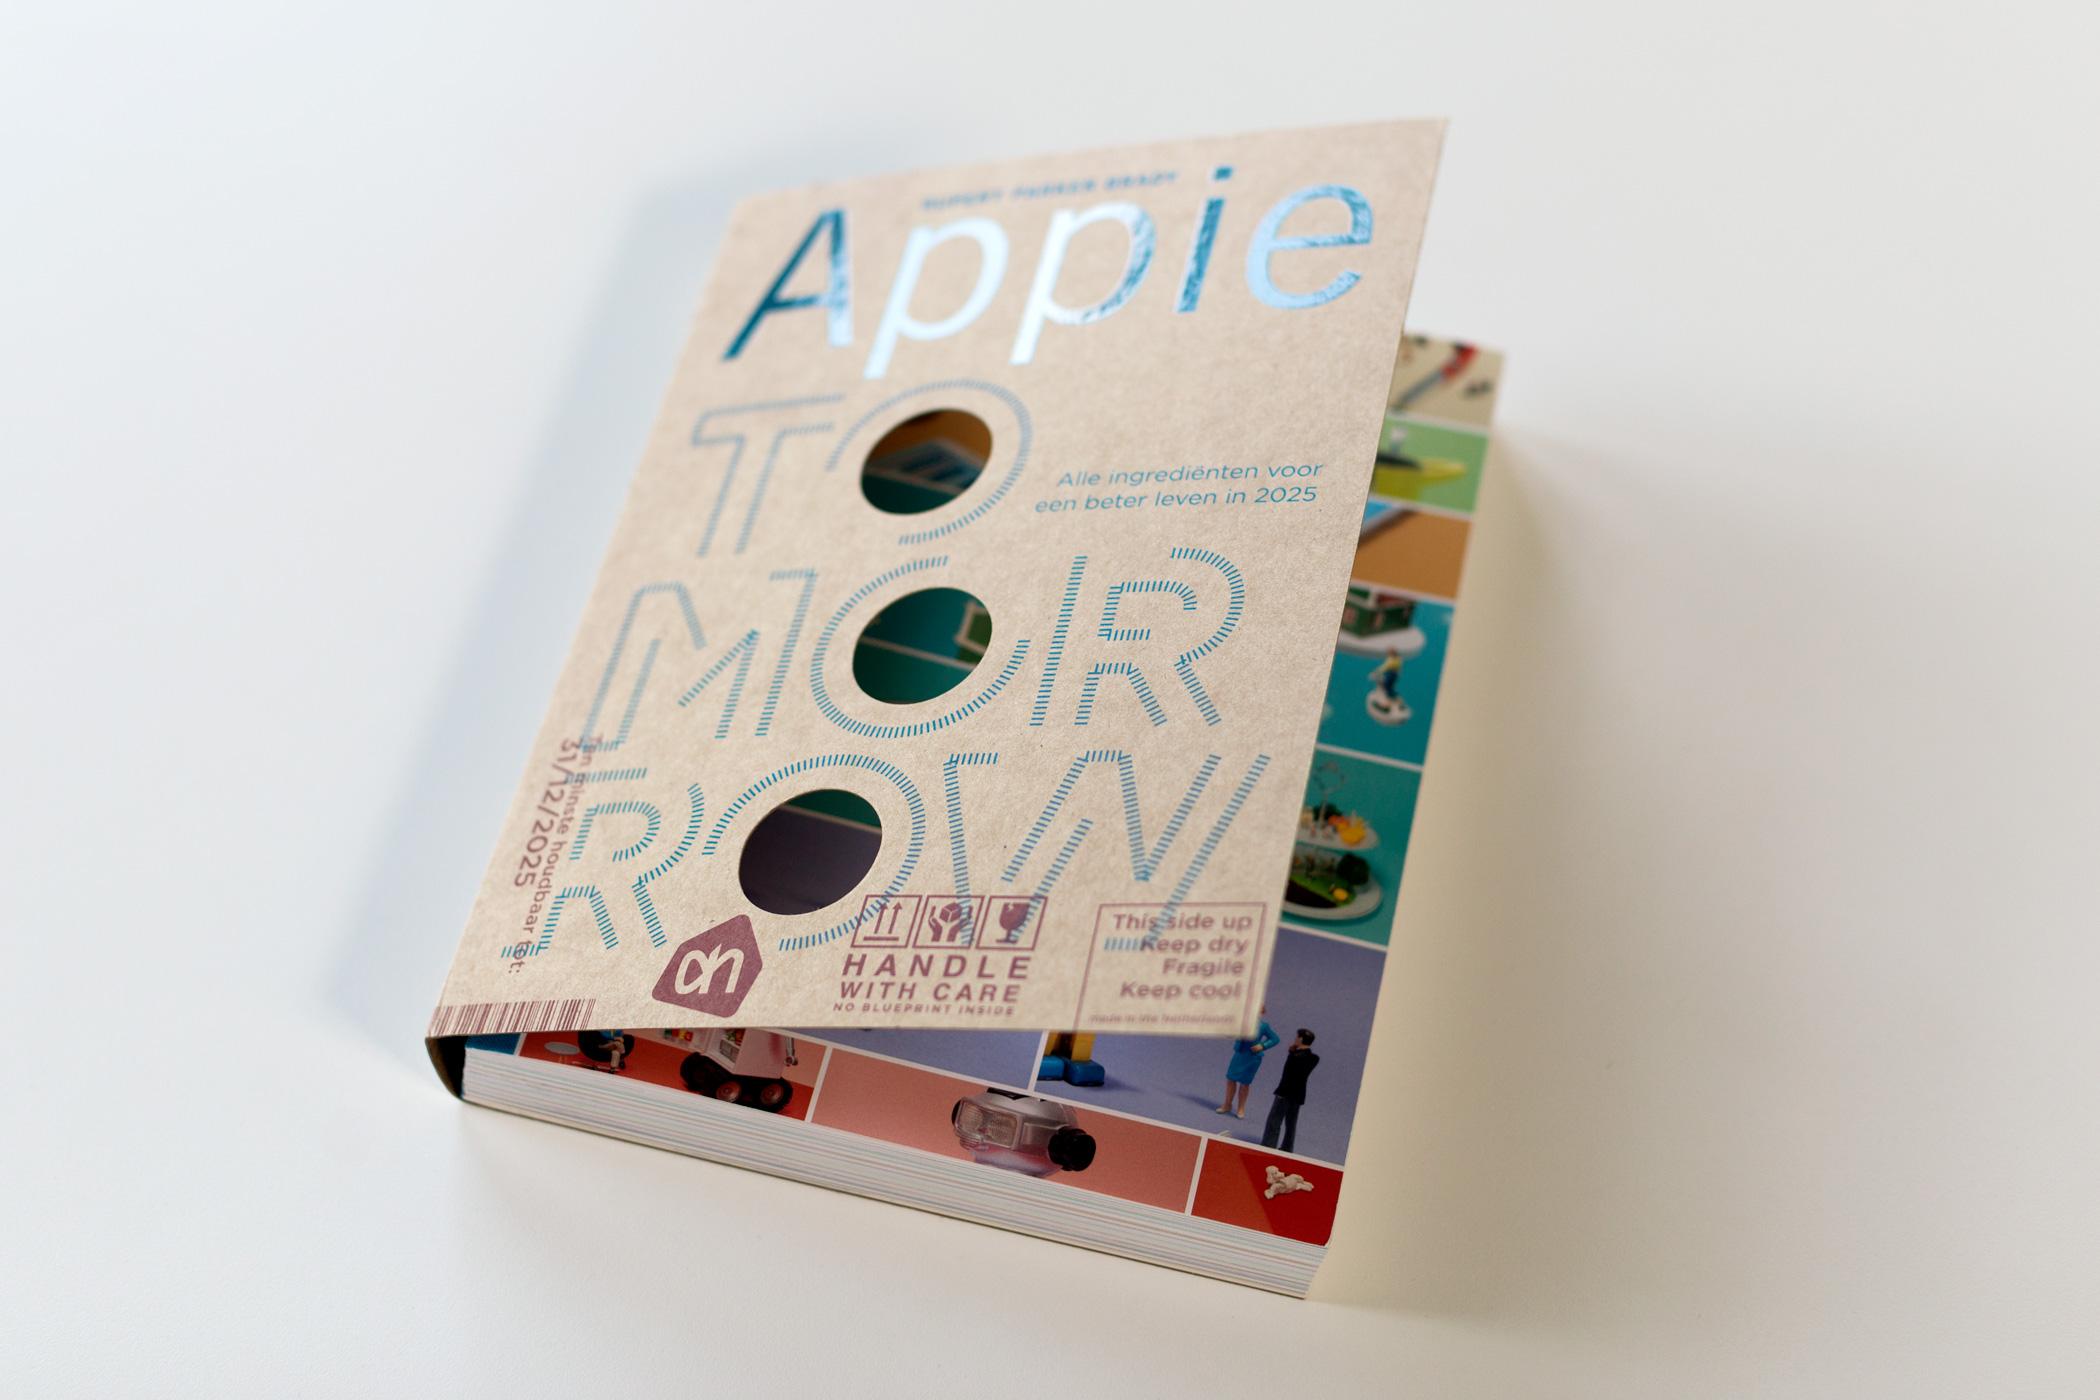 Voorkant van het boek Appie Tomorrow, ontwerp door Rianne Petter